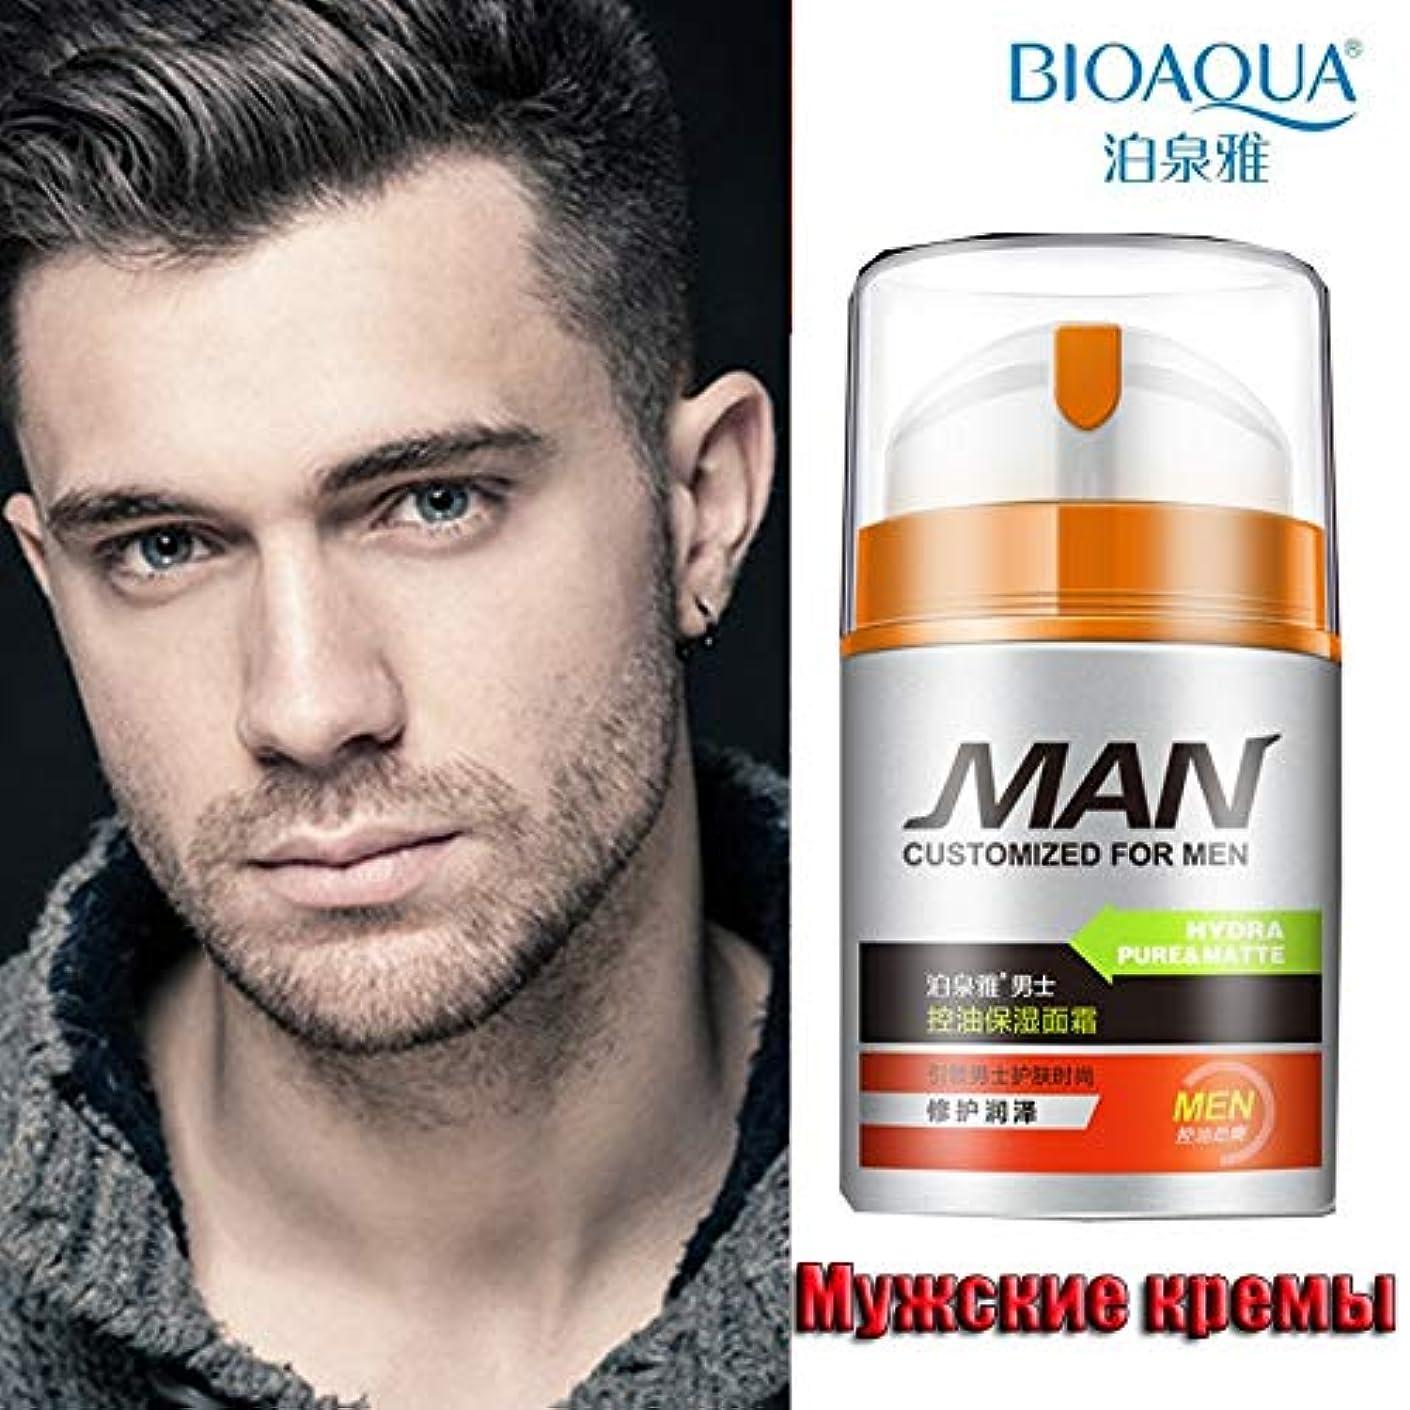 シェード神秘適応Bioaquaフェイスケアダイナミック男性保湿クリーム保湿アンチリンクルモイスチャライジングミルク男性ケア製品